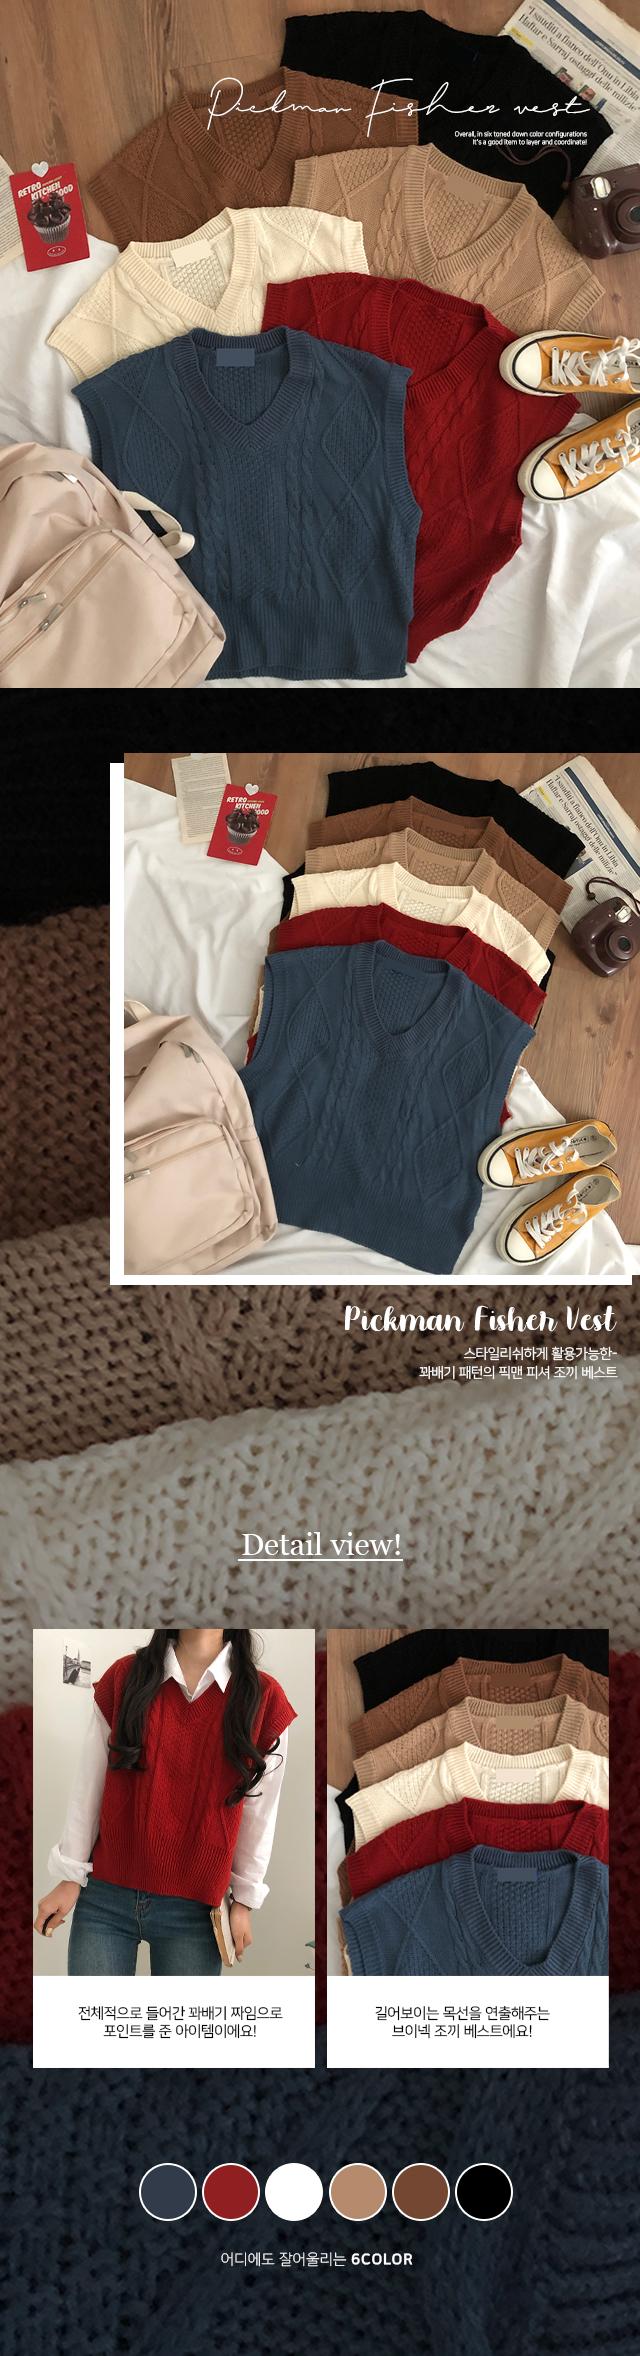 Pacman Fisher Vest Vest